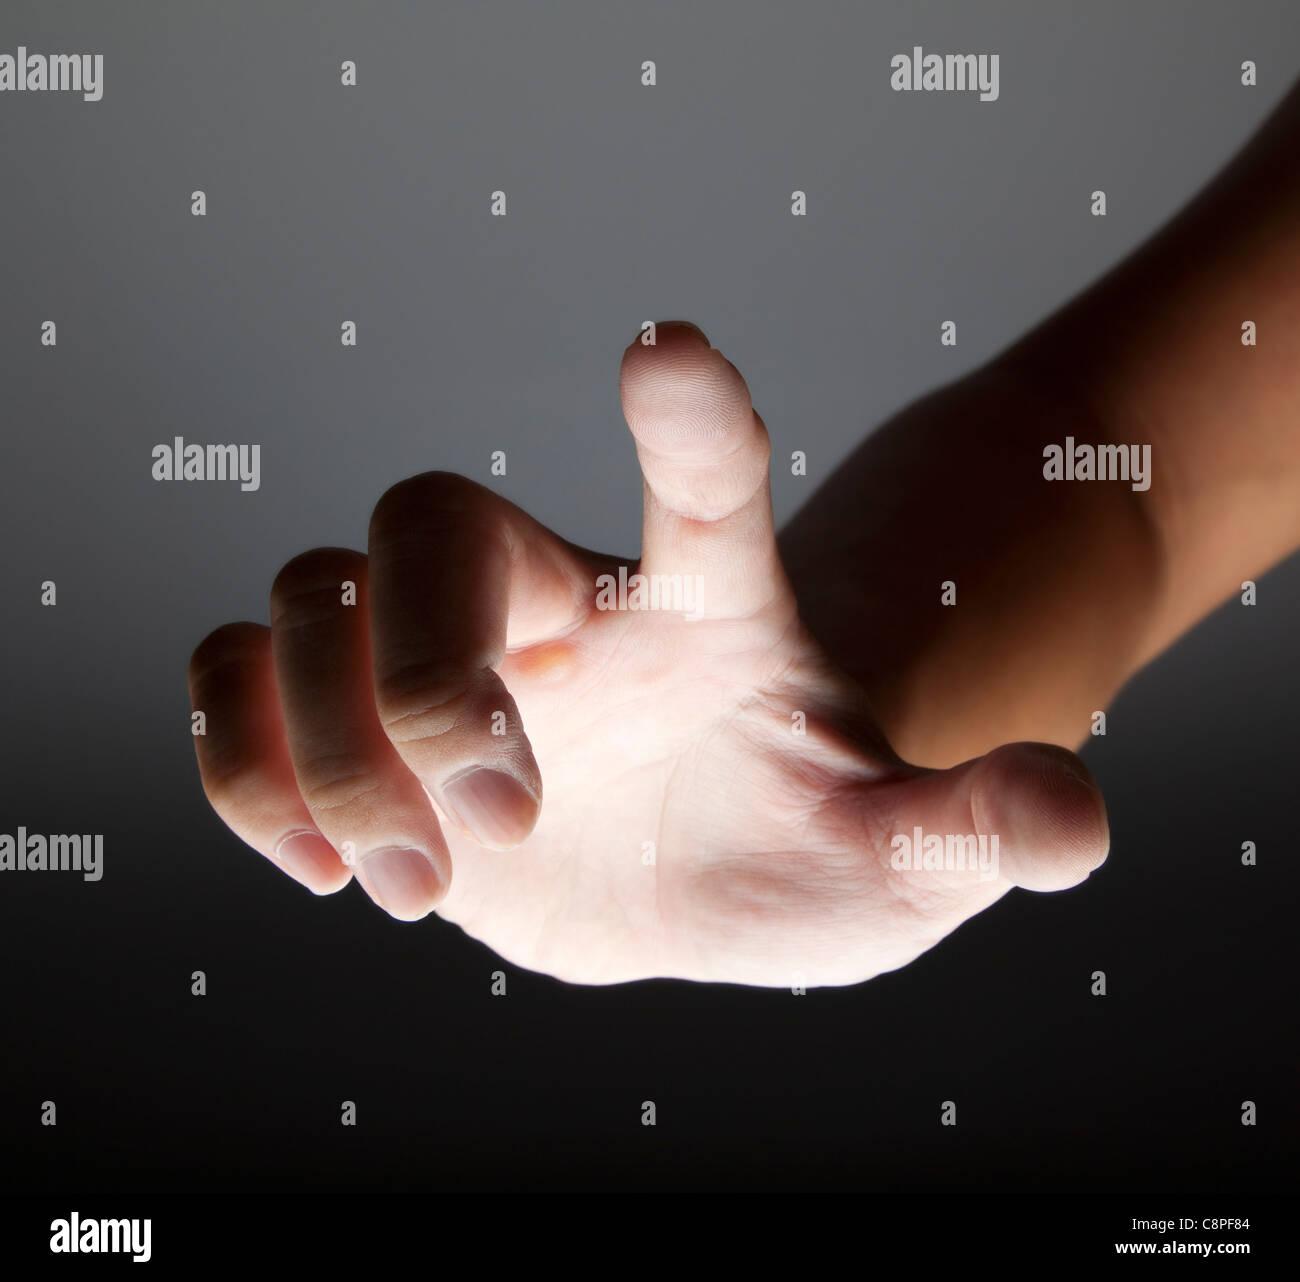 Toccando la mano nel buio Foto Stock